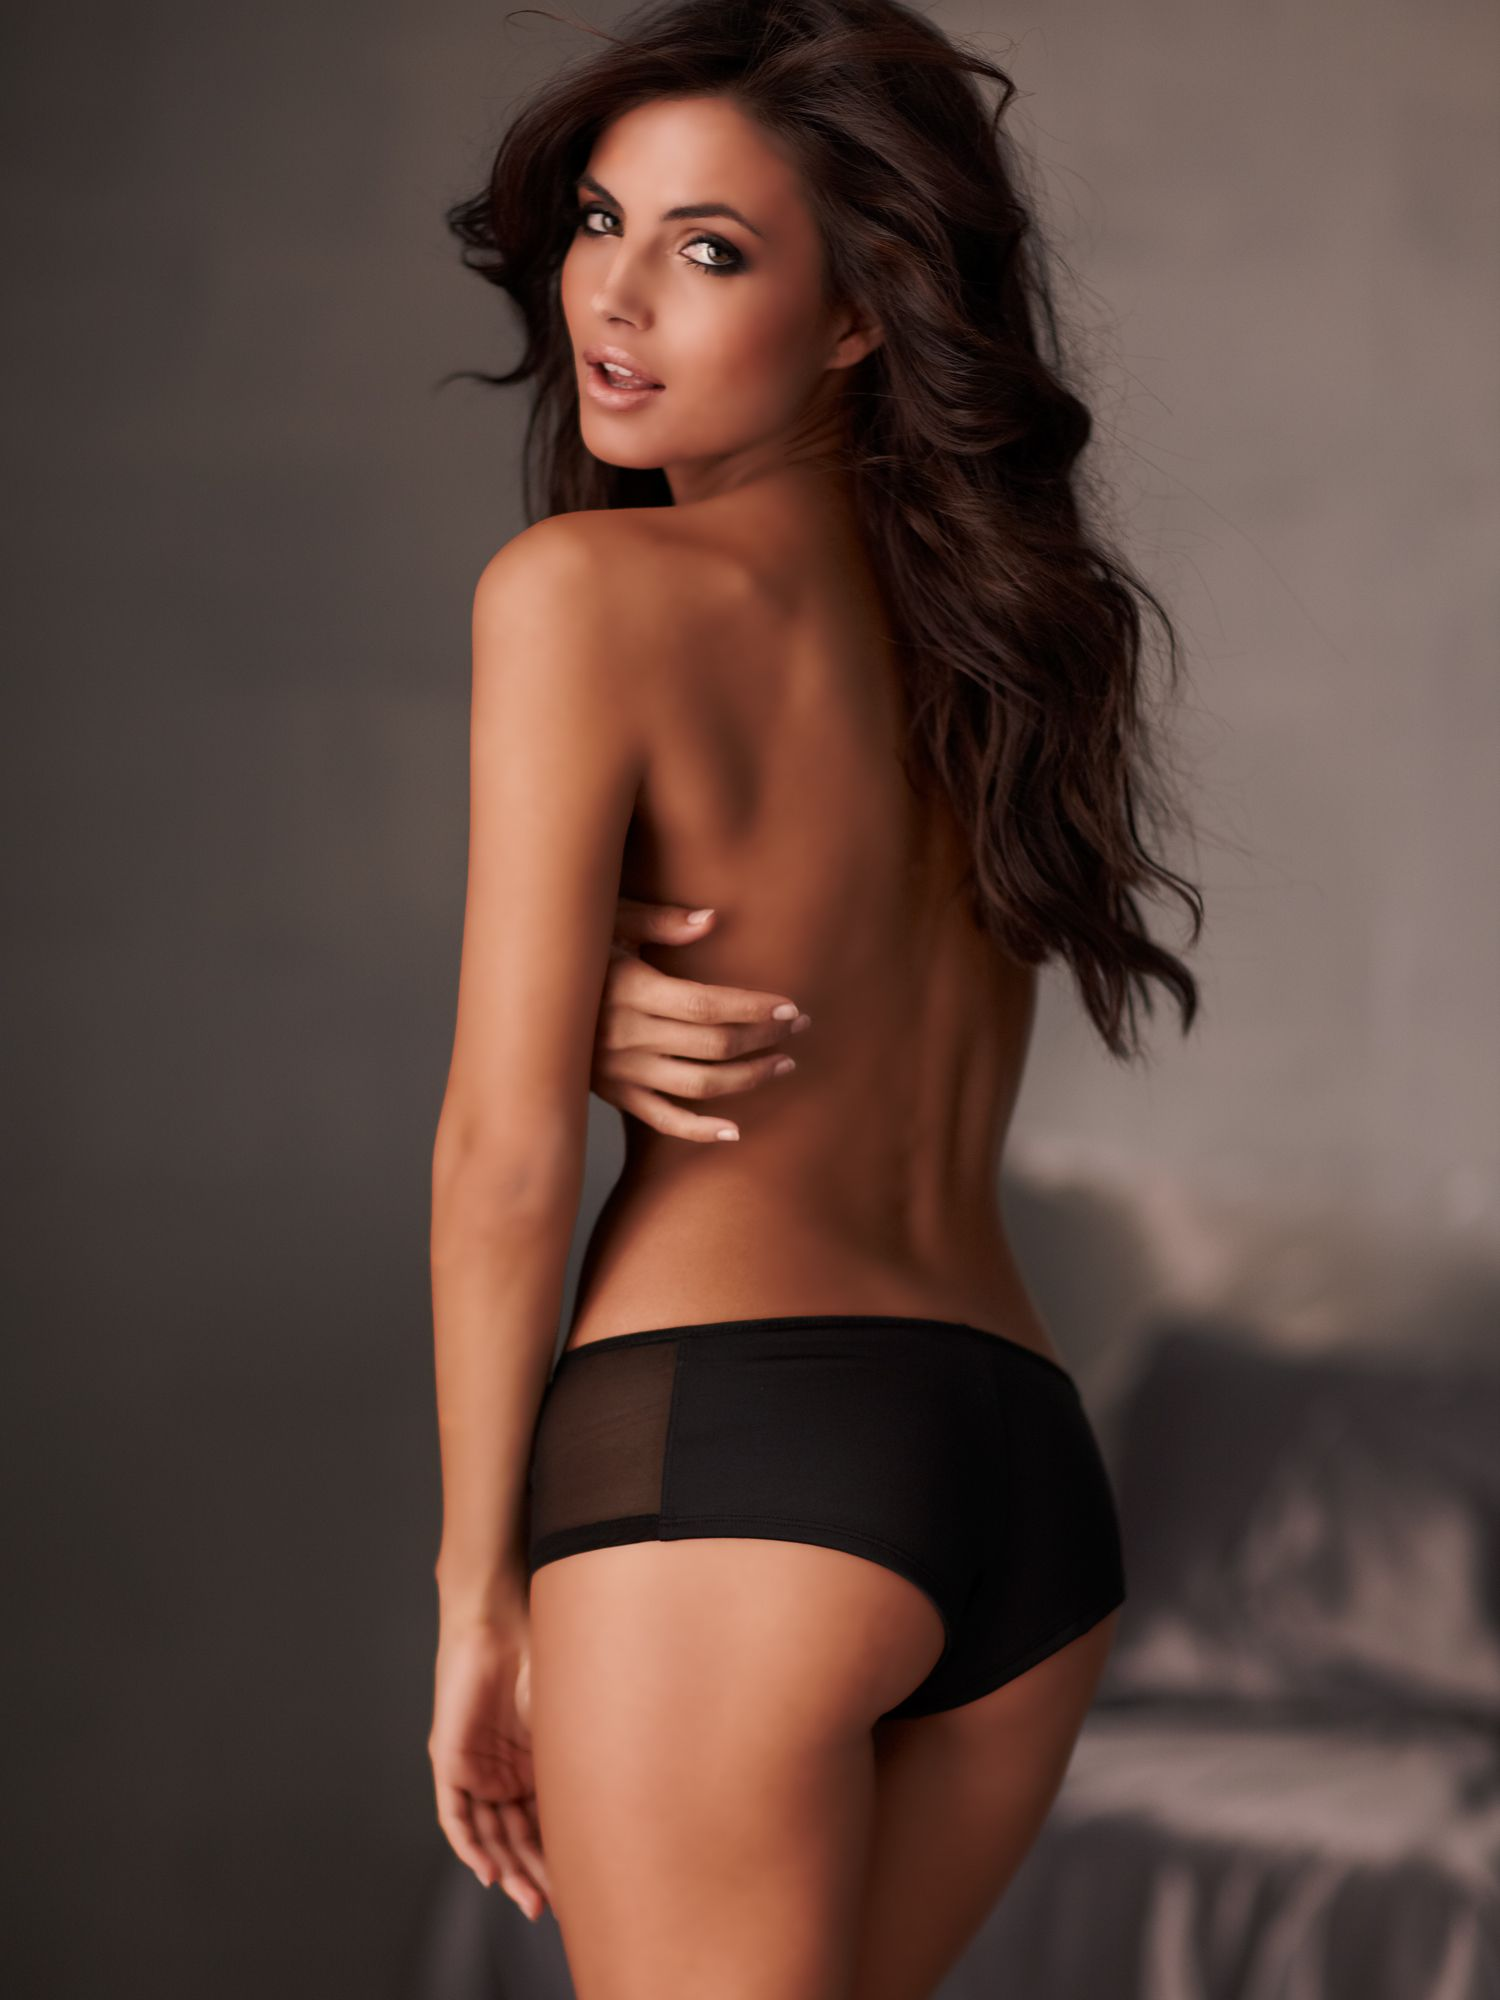 Самые красивые голы девушек 18 фотография